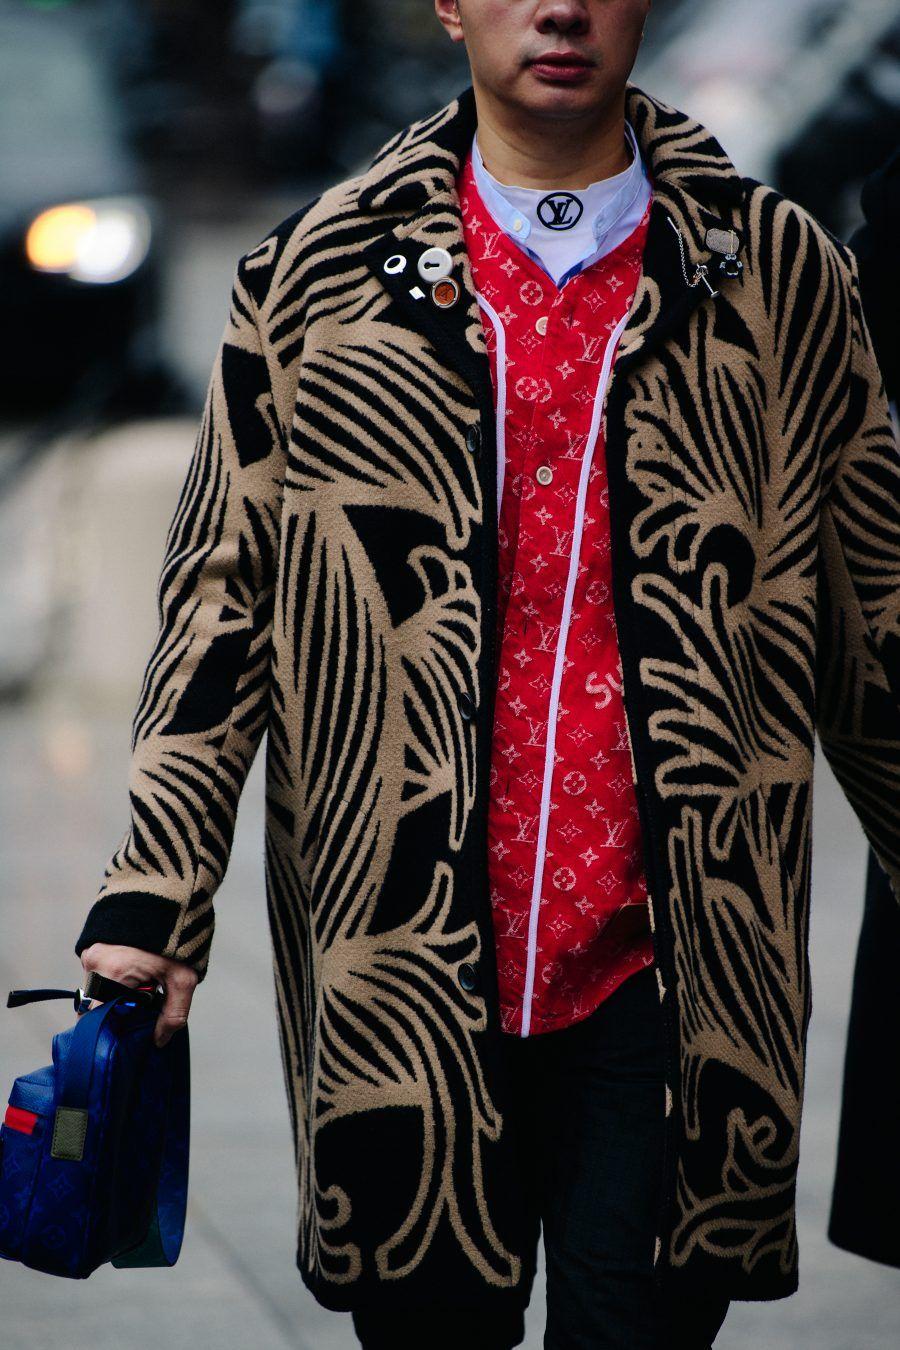 Le 21ème / After Louis Vuitton Paris Fashion,